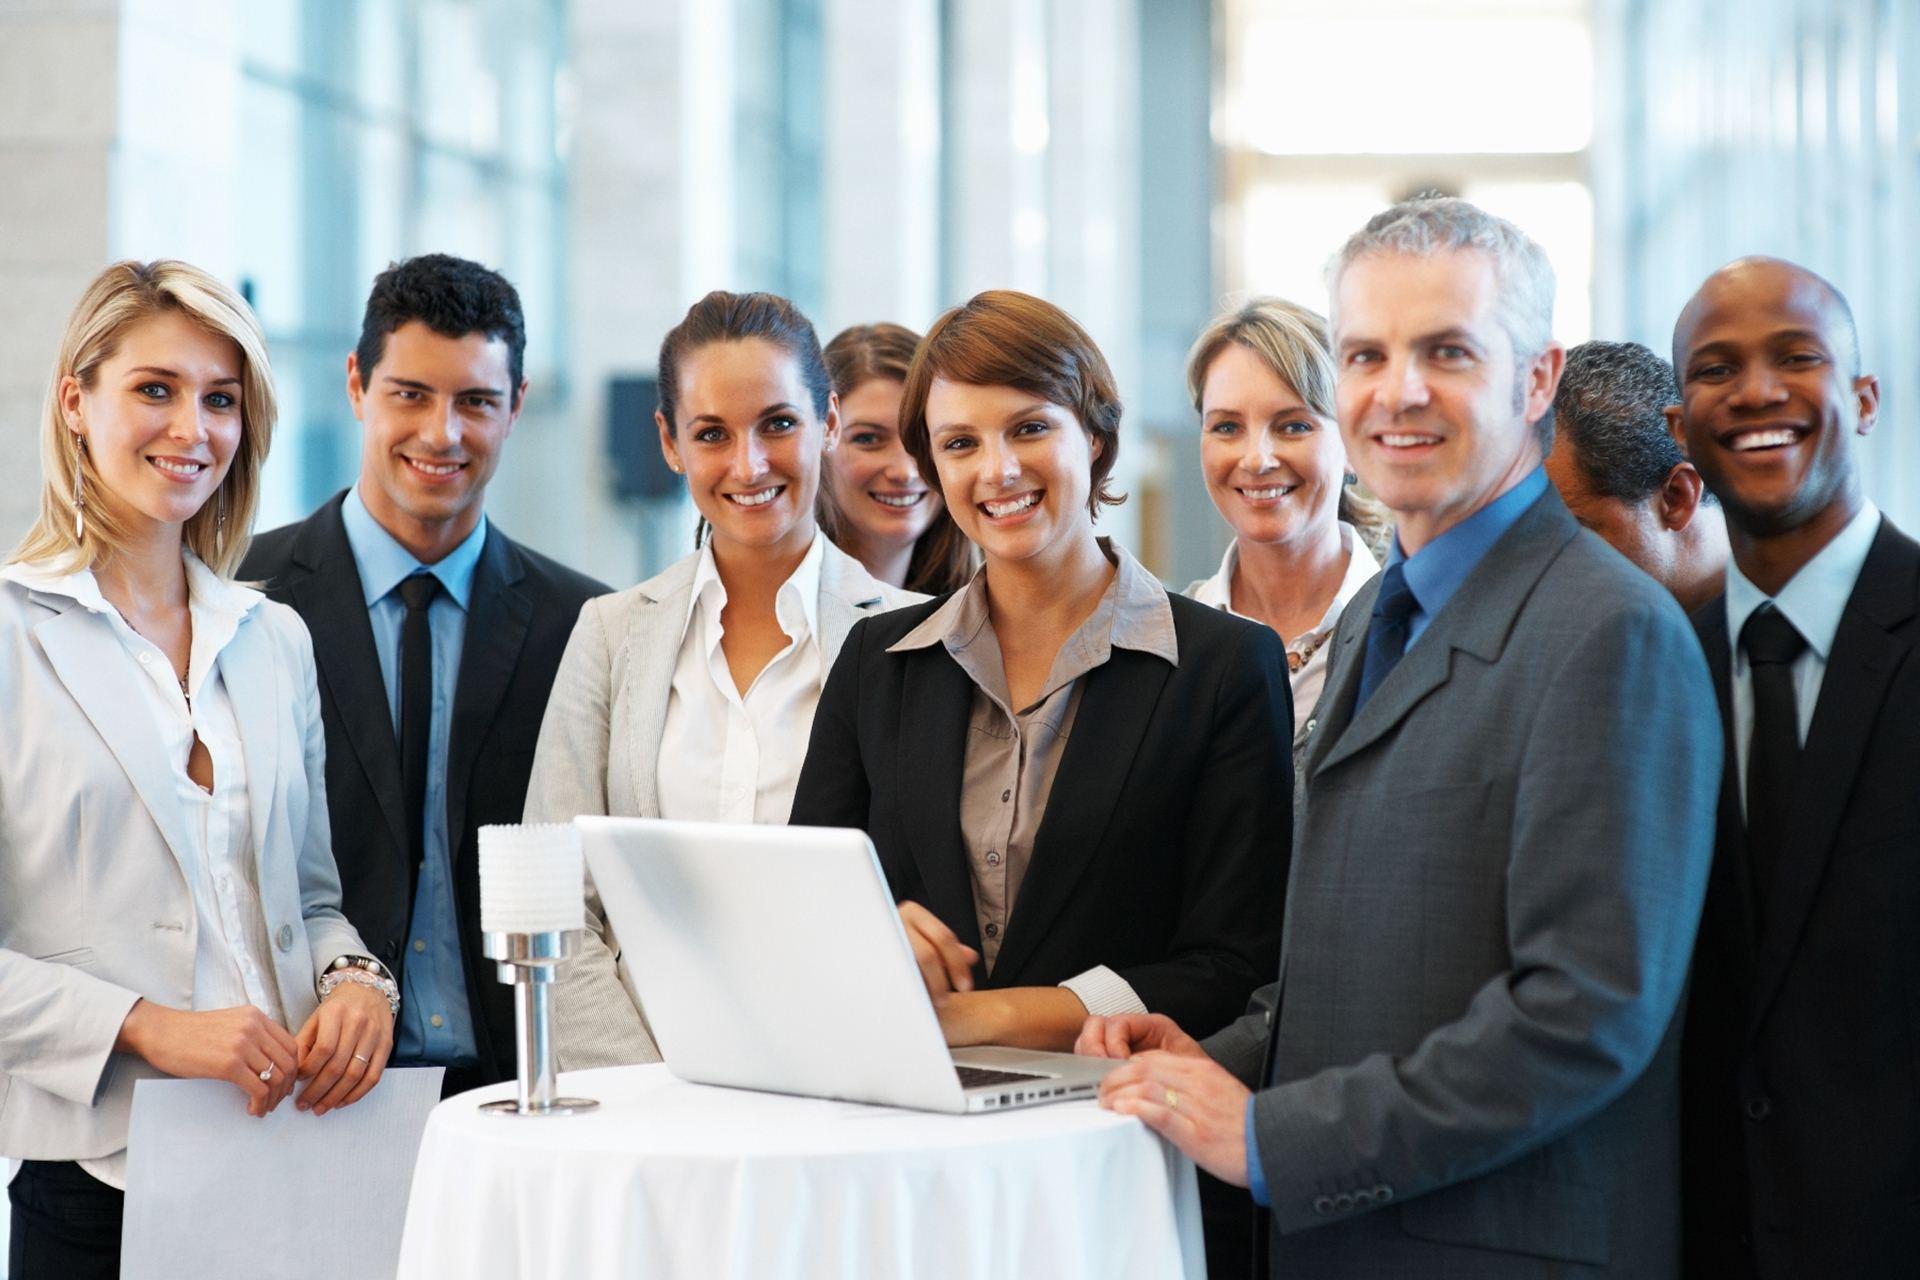 business-people-team-work-wallpaper.jpg